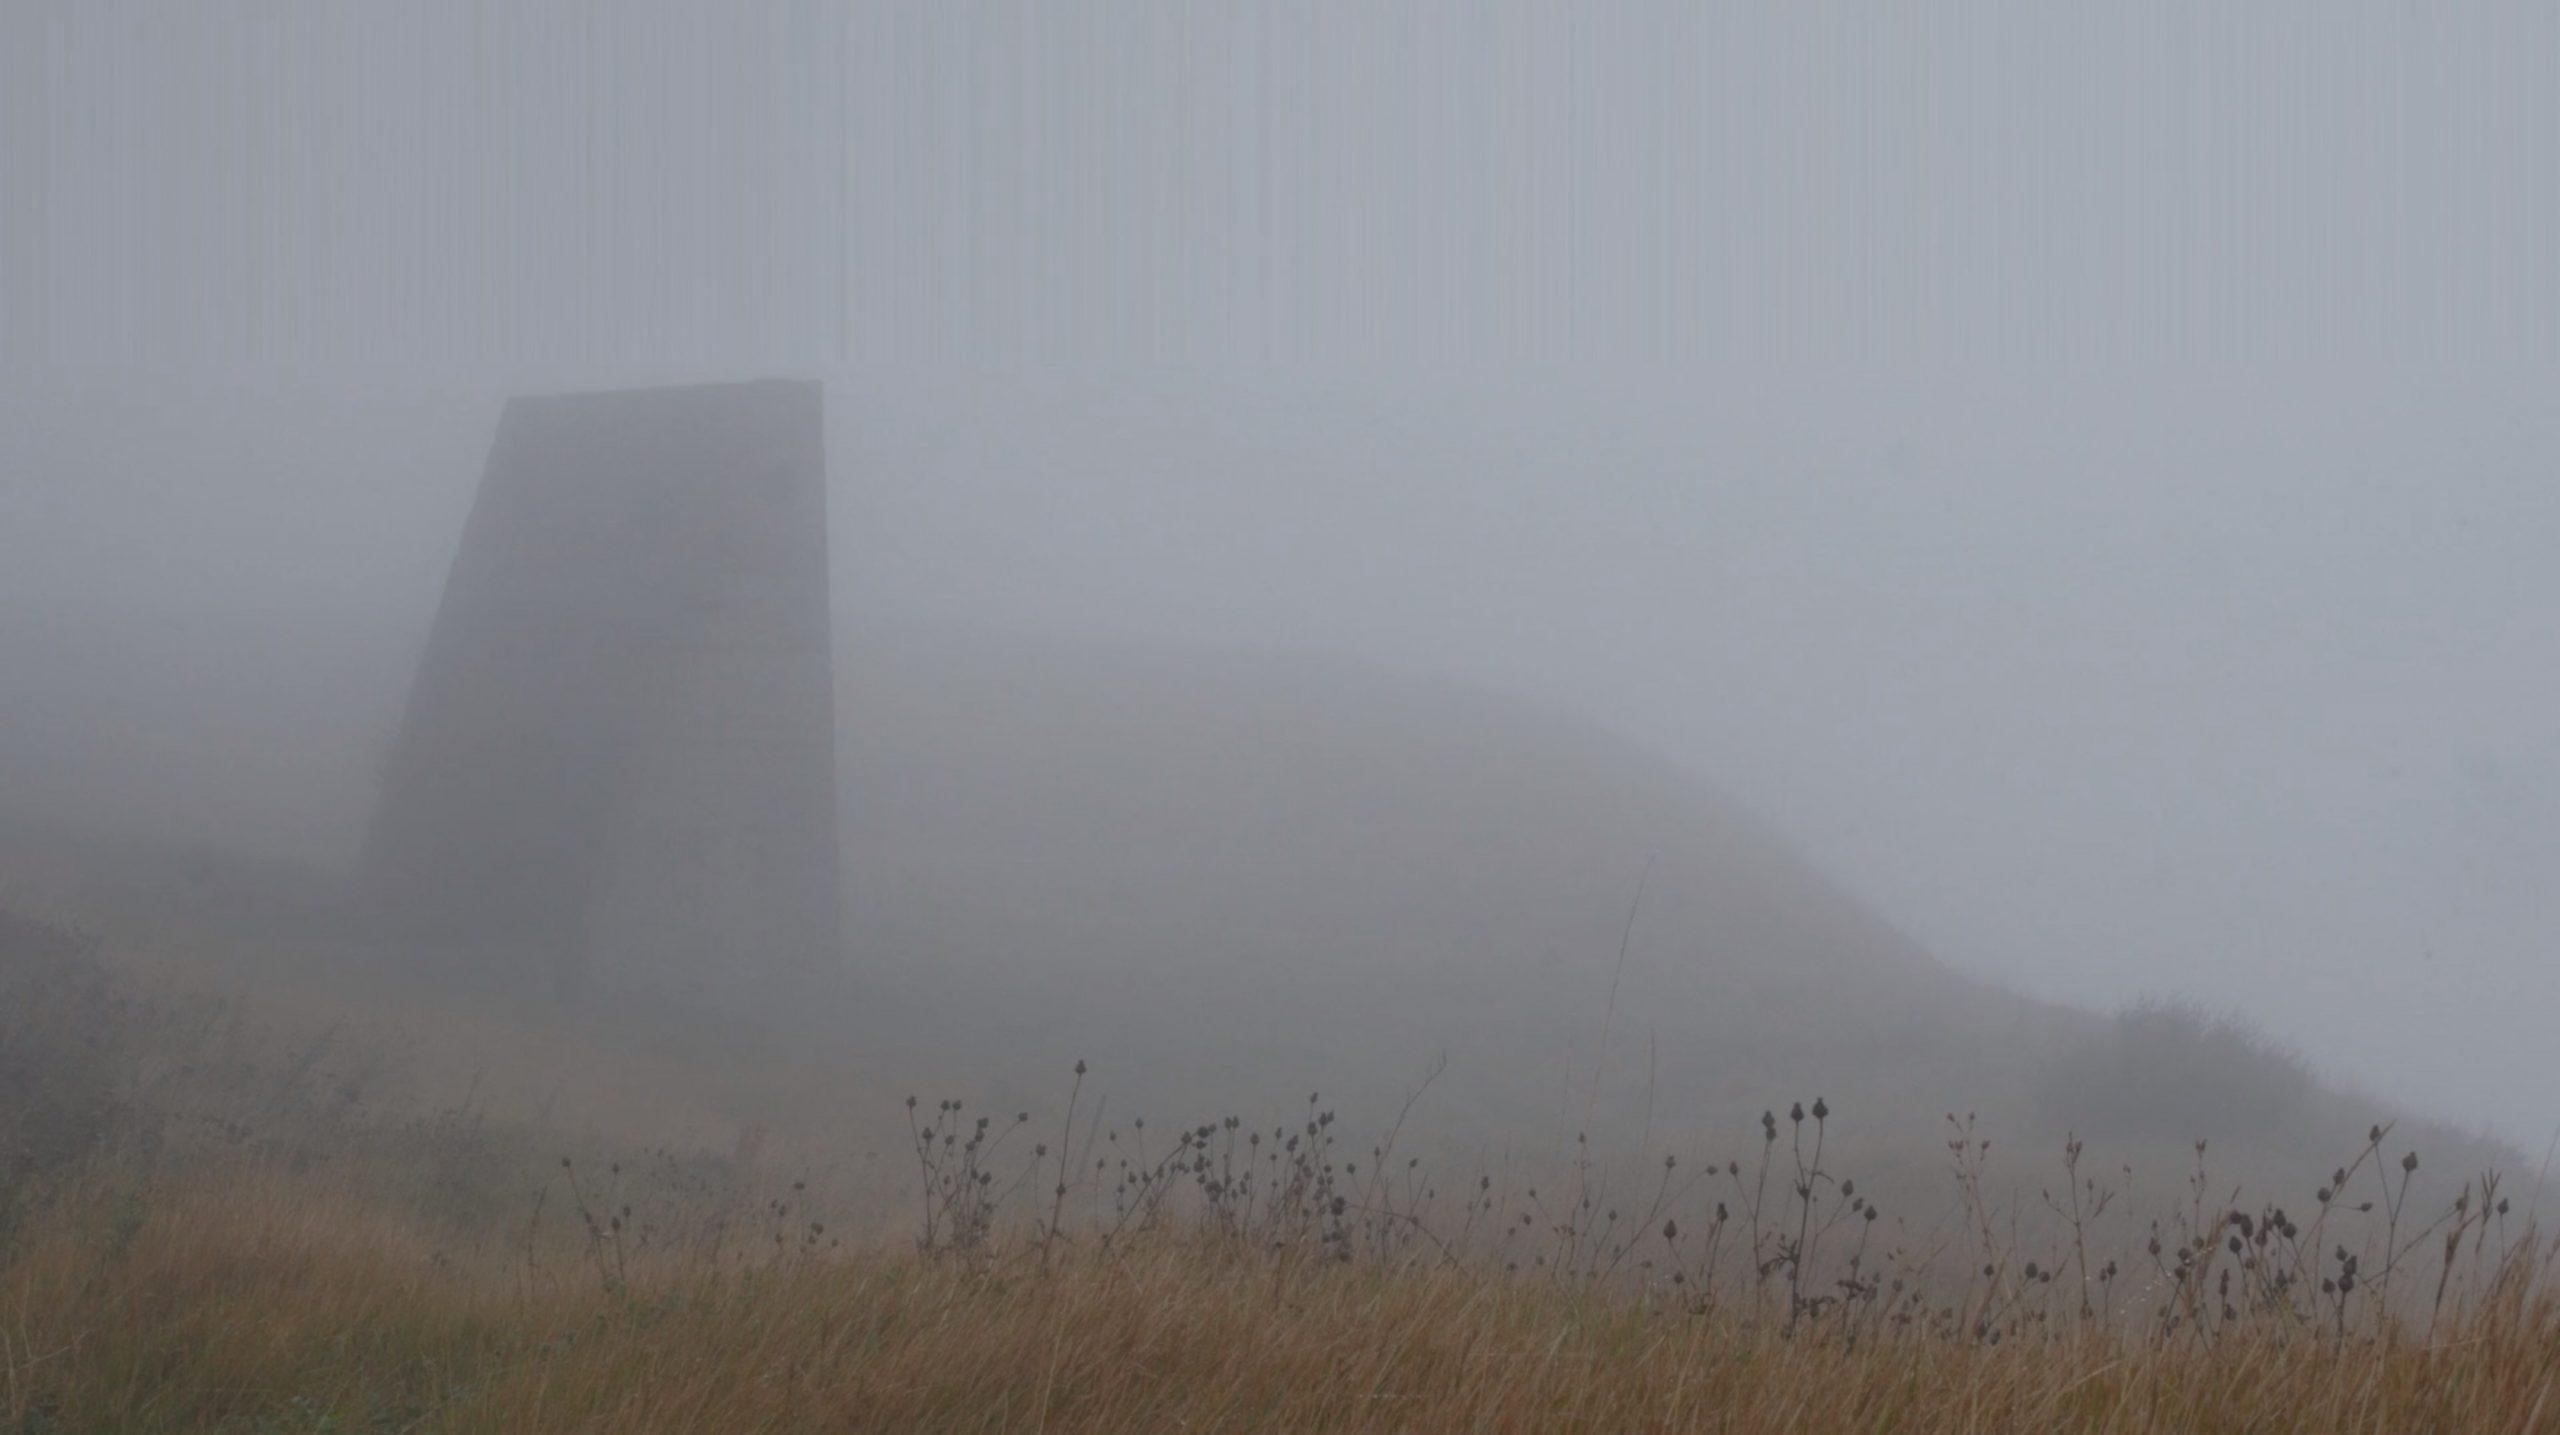 Cecilia Tyrrell - Still from Sirens Dawn